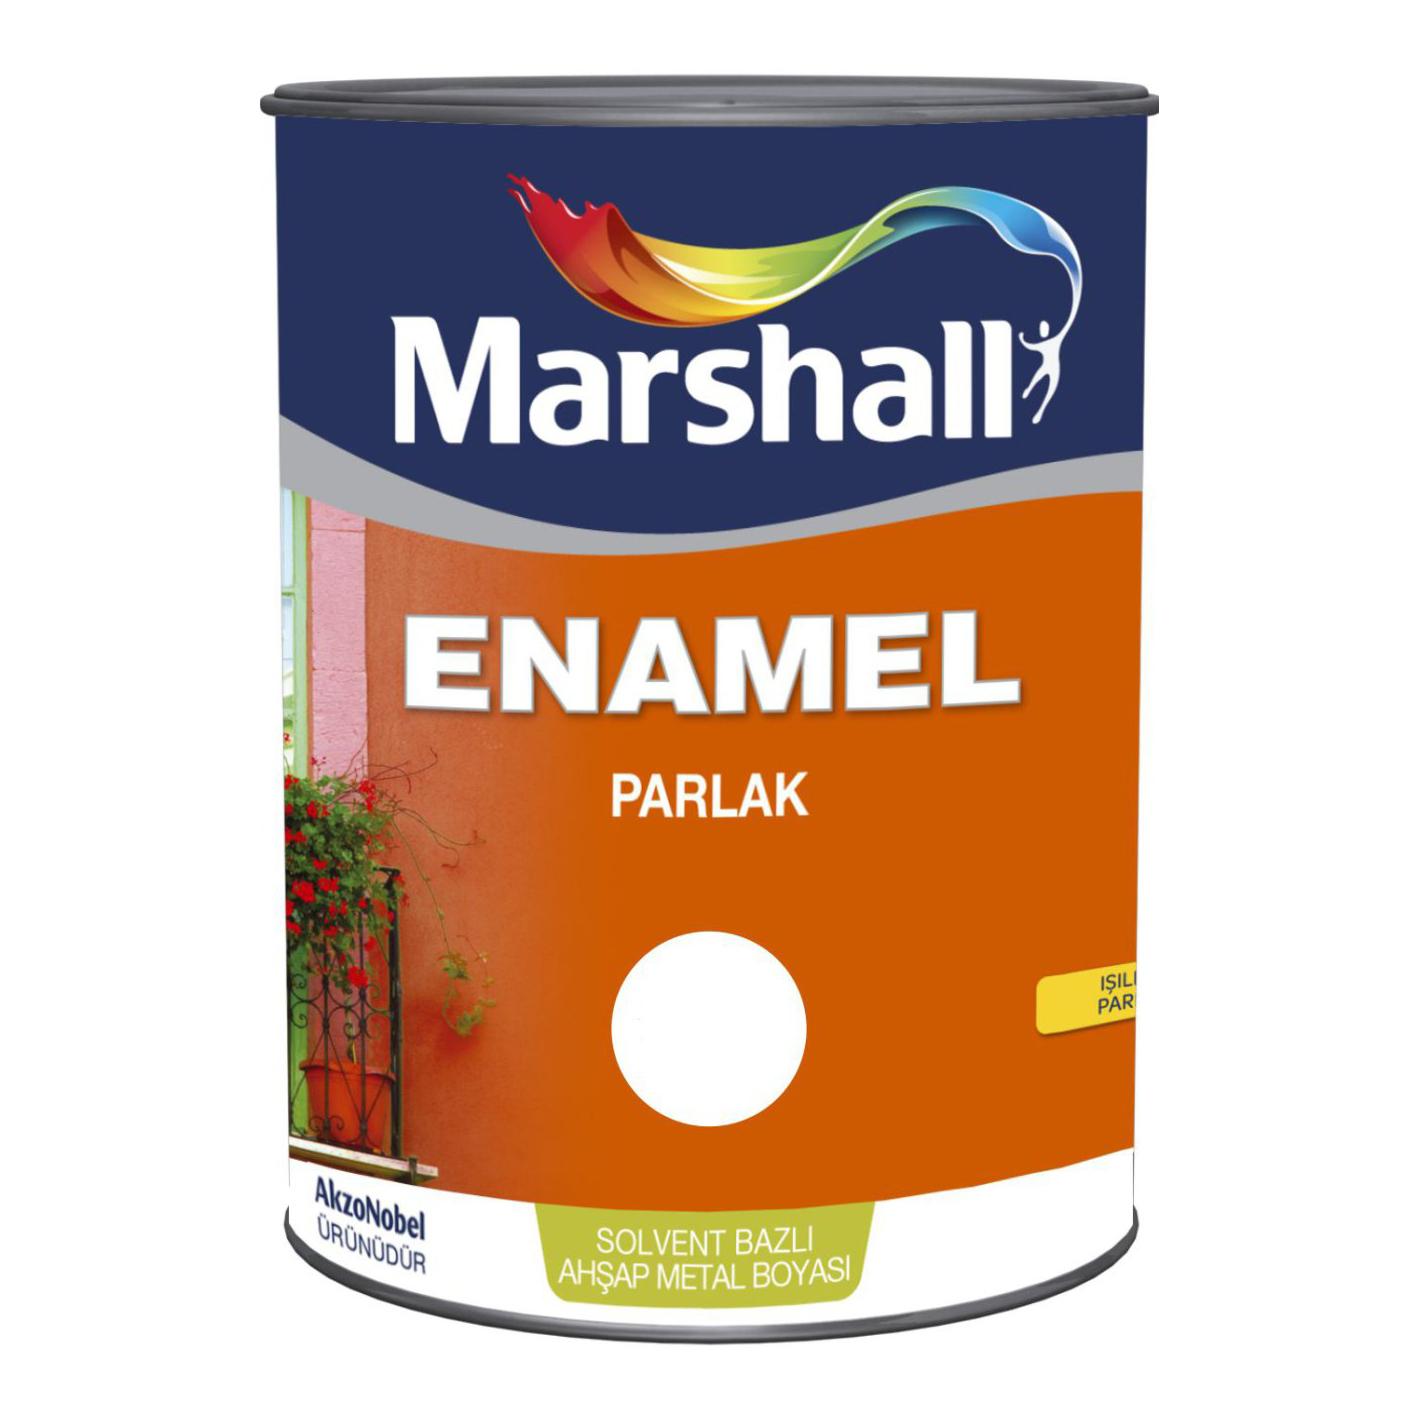 Marshall Enamel Parlak Nefti Yeşil 2.5Lt